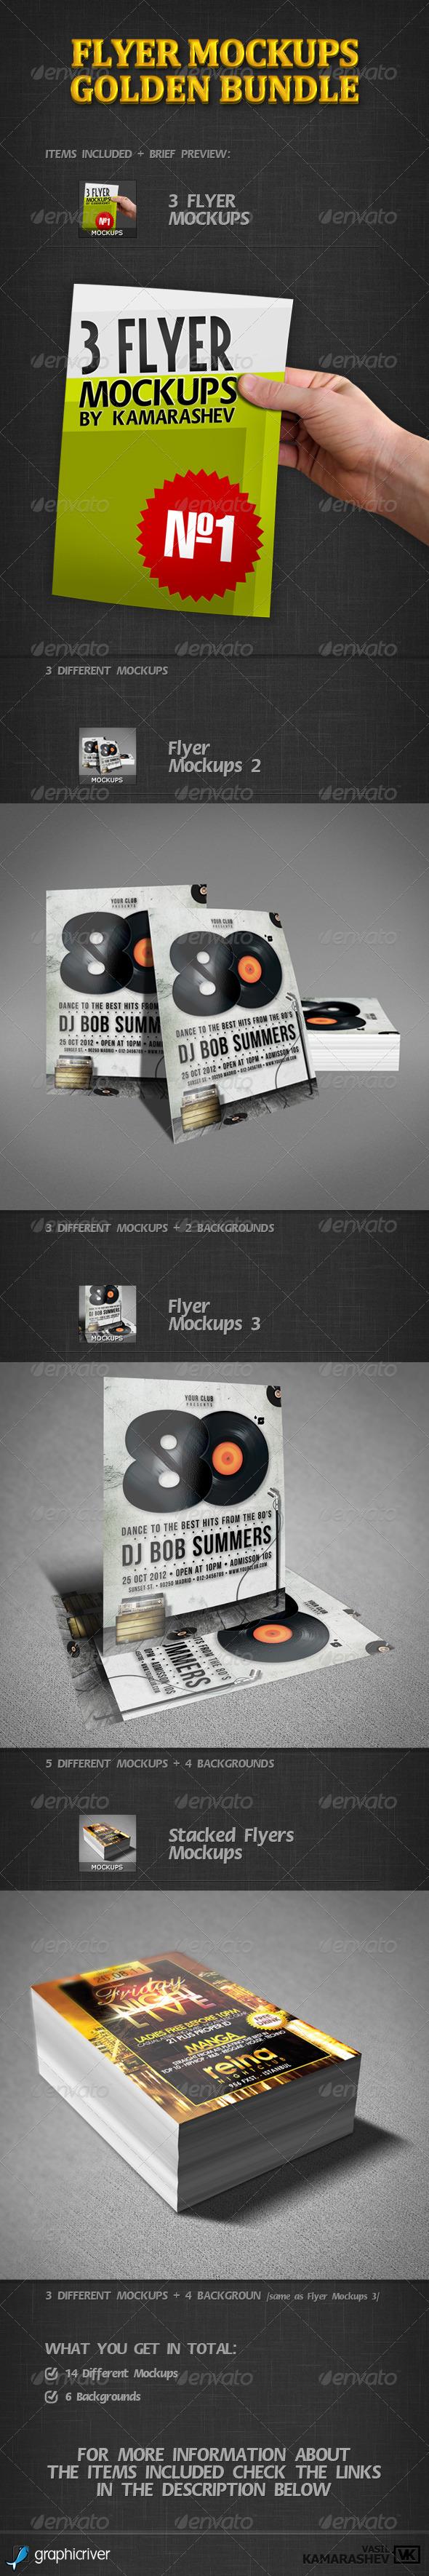 Flyer Mockups Golden Bundle - Flyers Print